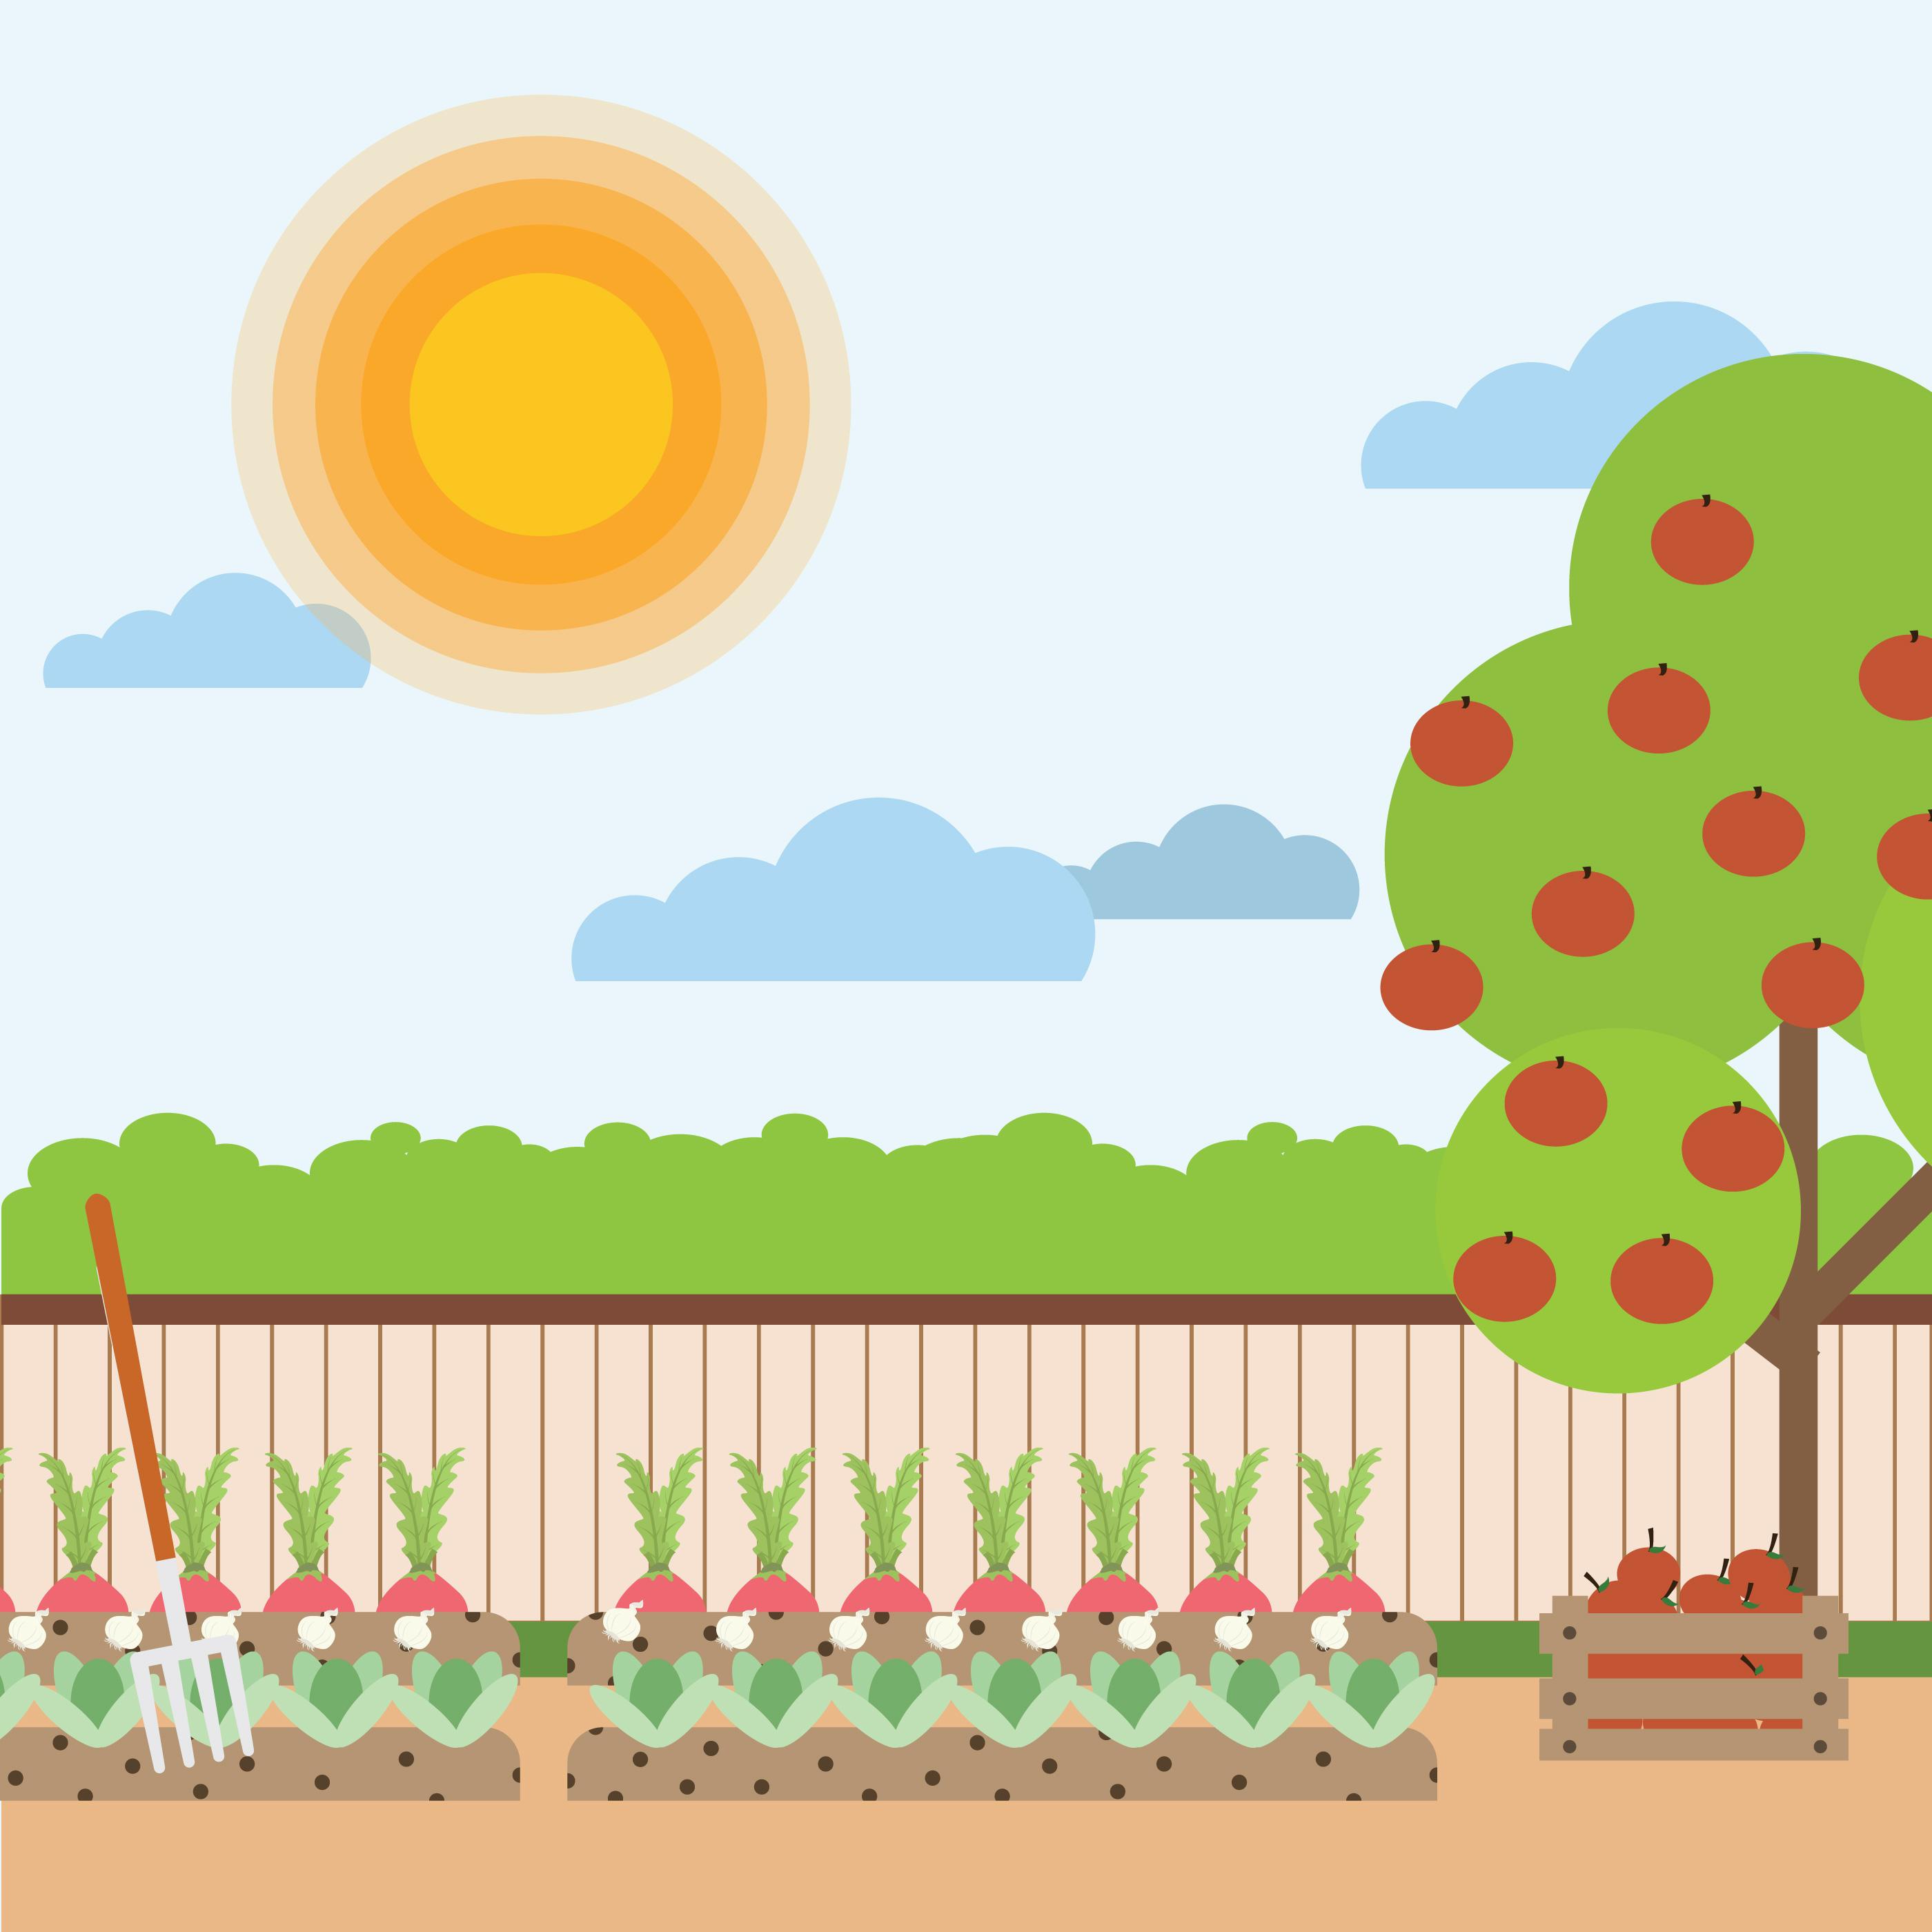 Vegetable Garden Illustration Download Free Vectors Clipart Graphics Vector Art